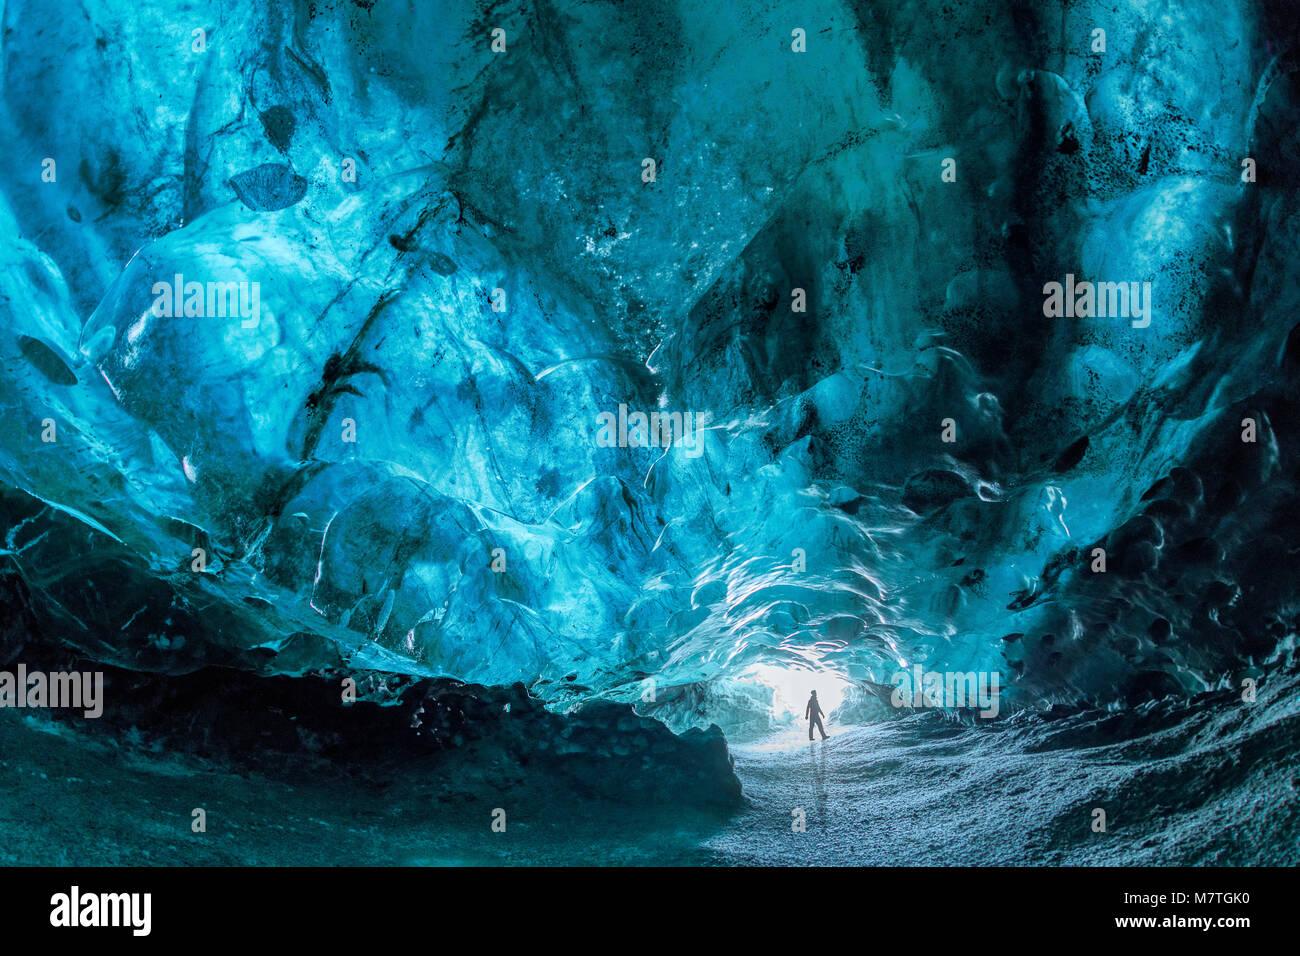 Intérieur d'une grotte de glace bleue à la Glacier de Vatnajokull, le plus grand glacier d'Europe, Photo Stock